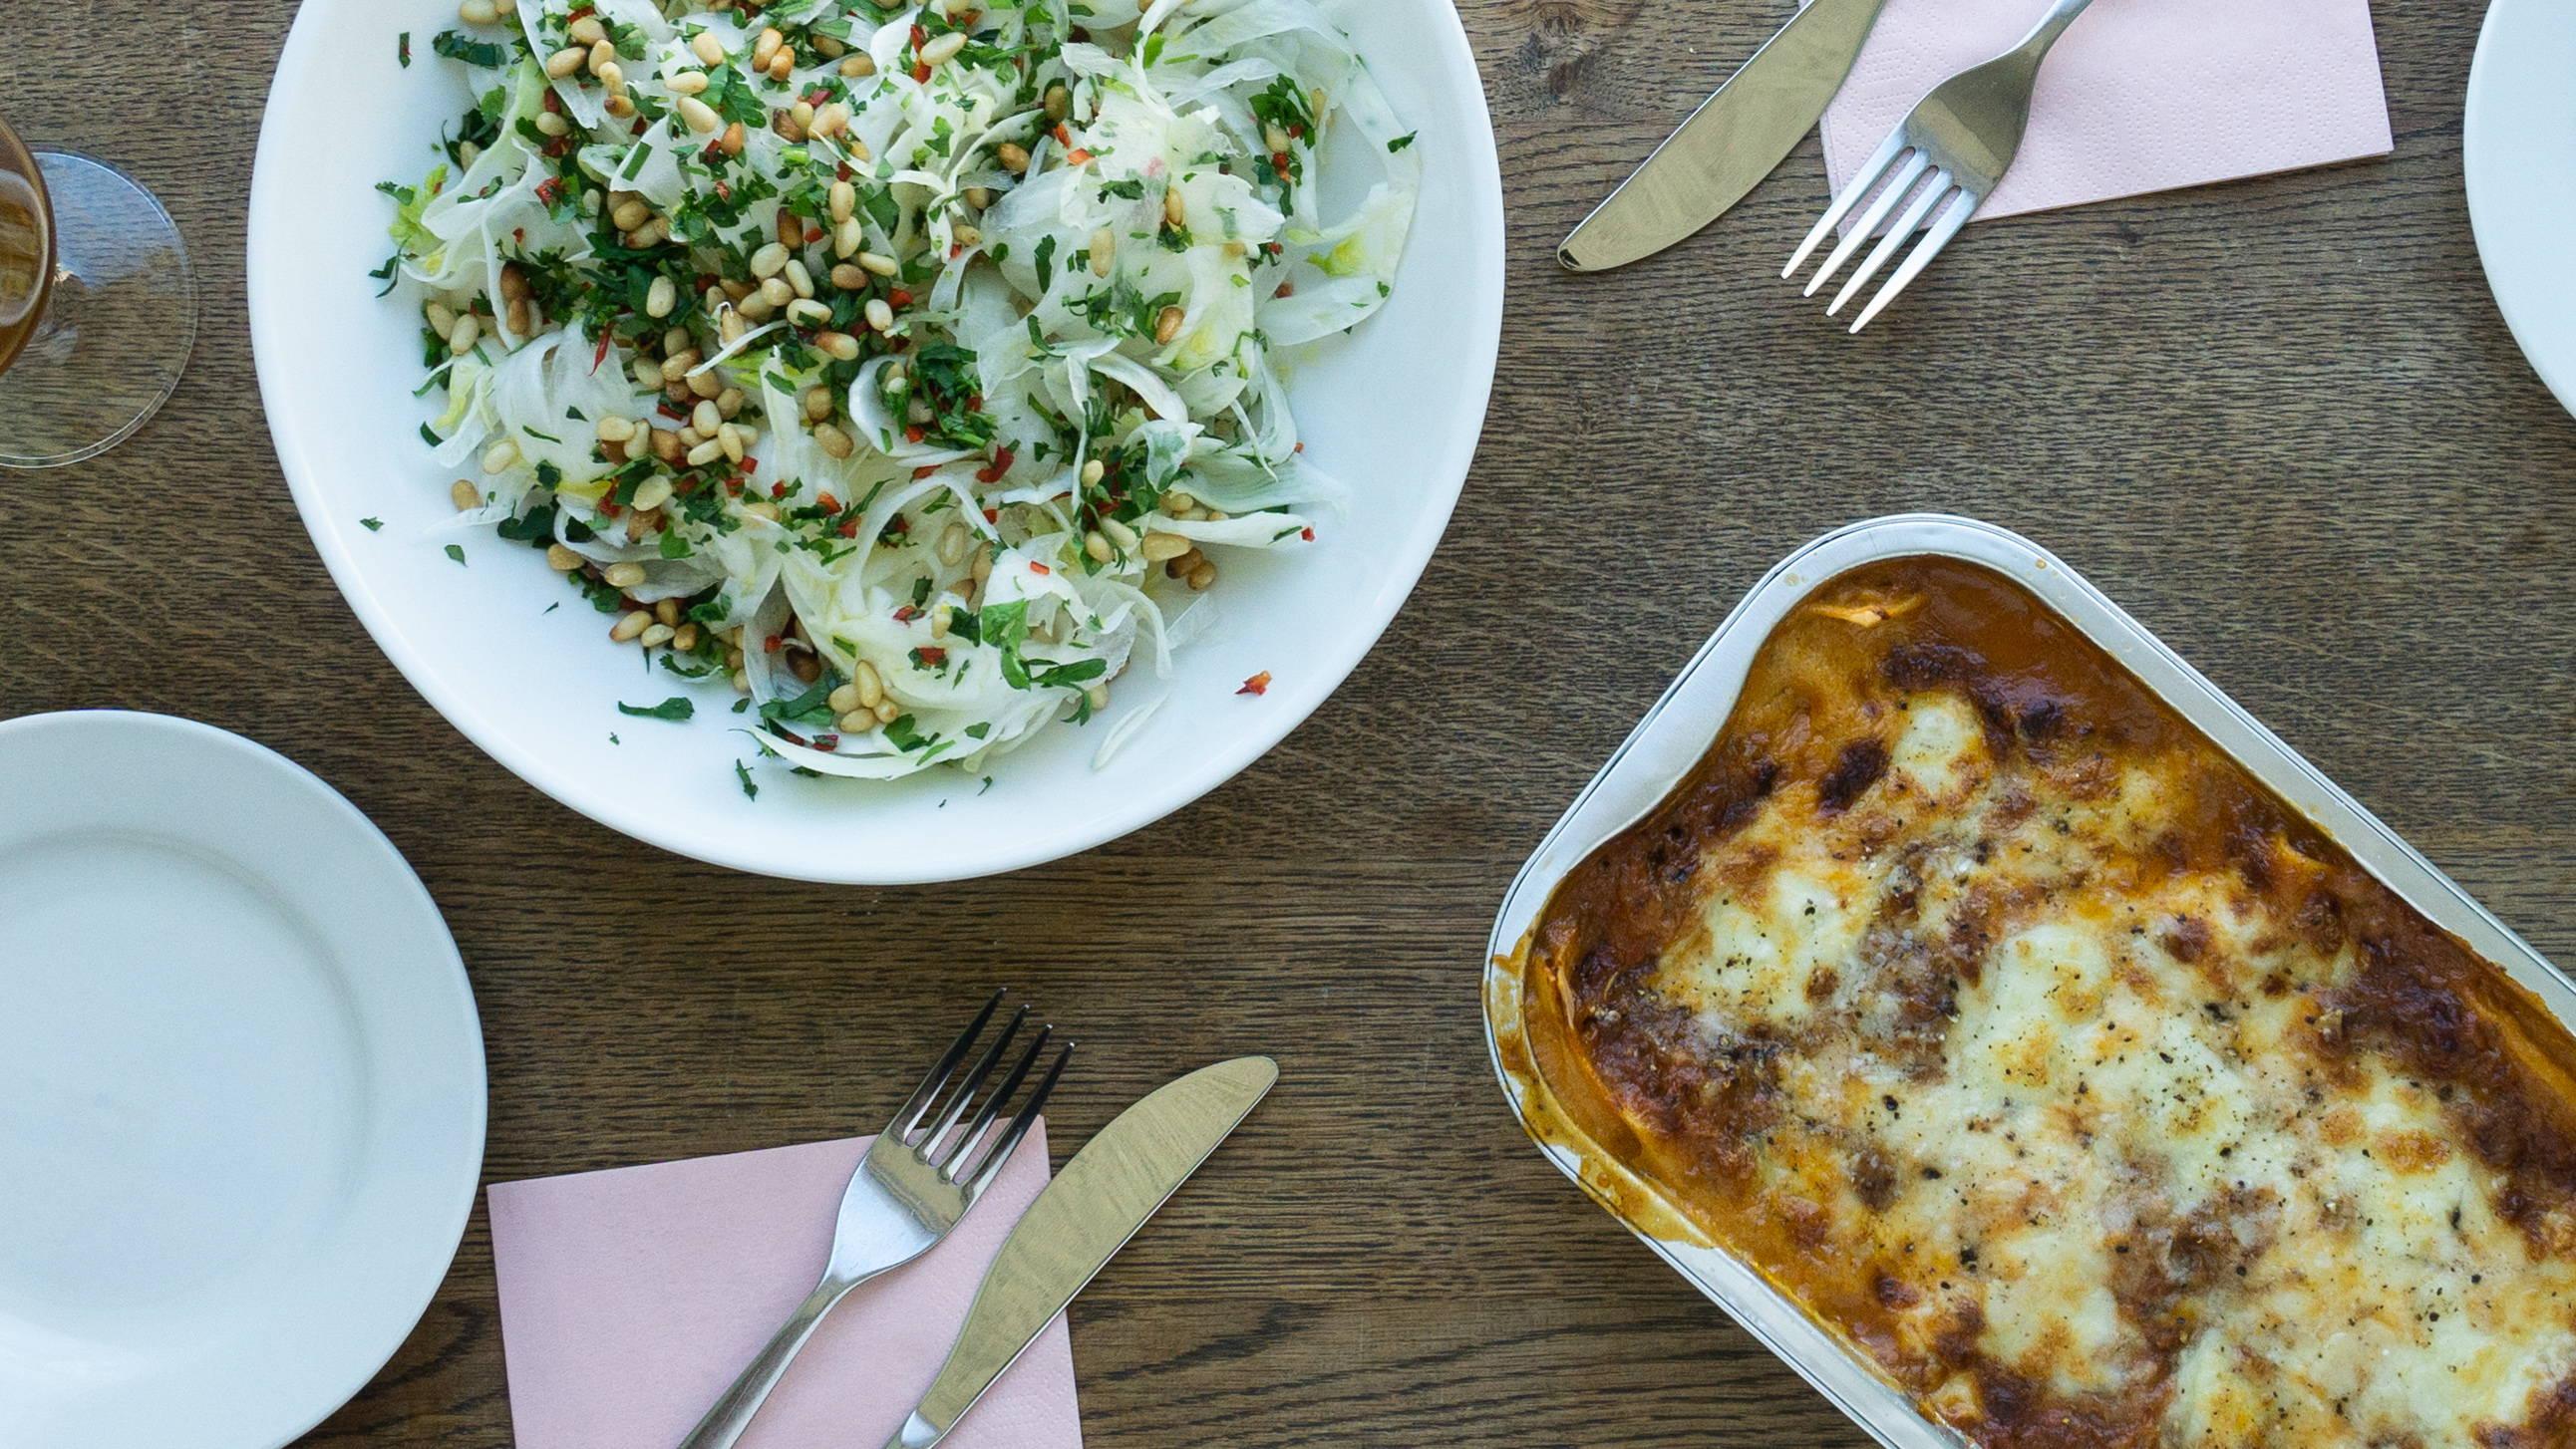 Opskrift og vejledning til Lasagne alla bolognese med Radicchiosalat